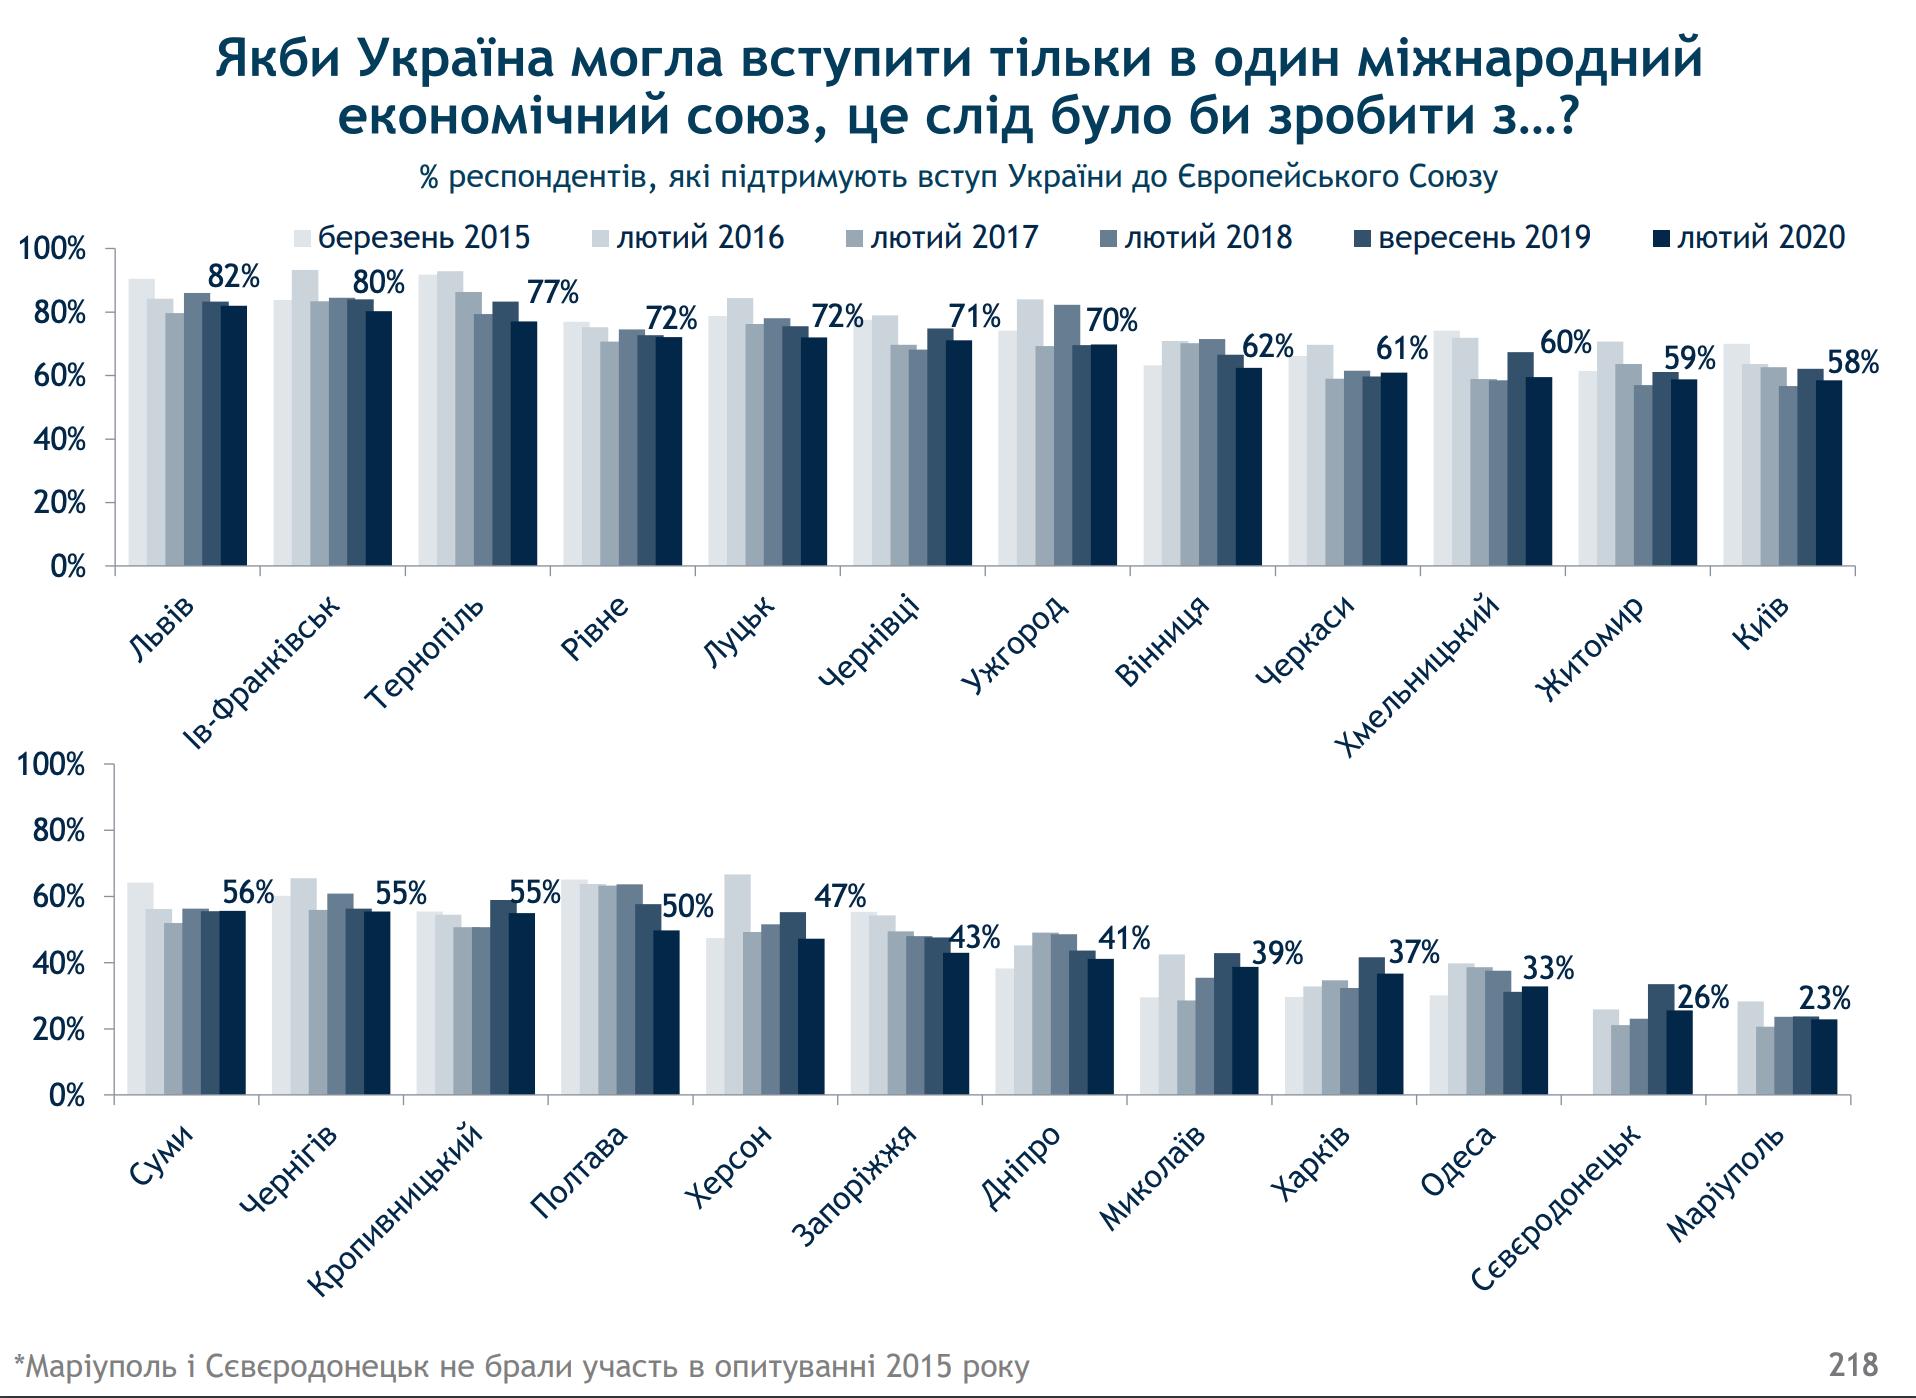 Социологи показали уровень поддержки вступления в ЕС в областях Украины